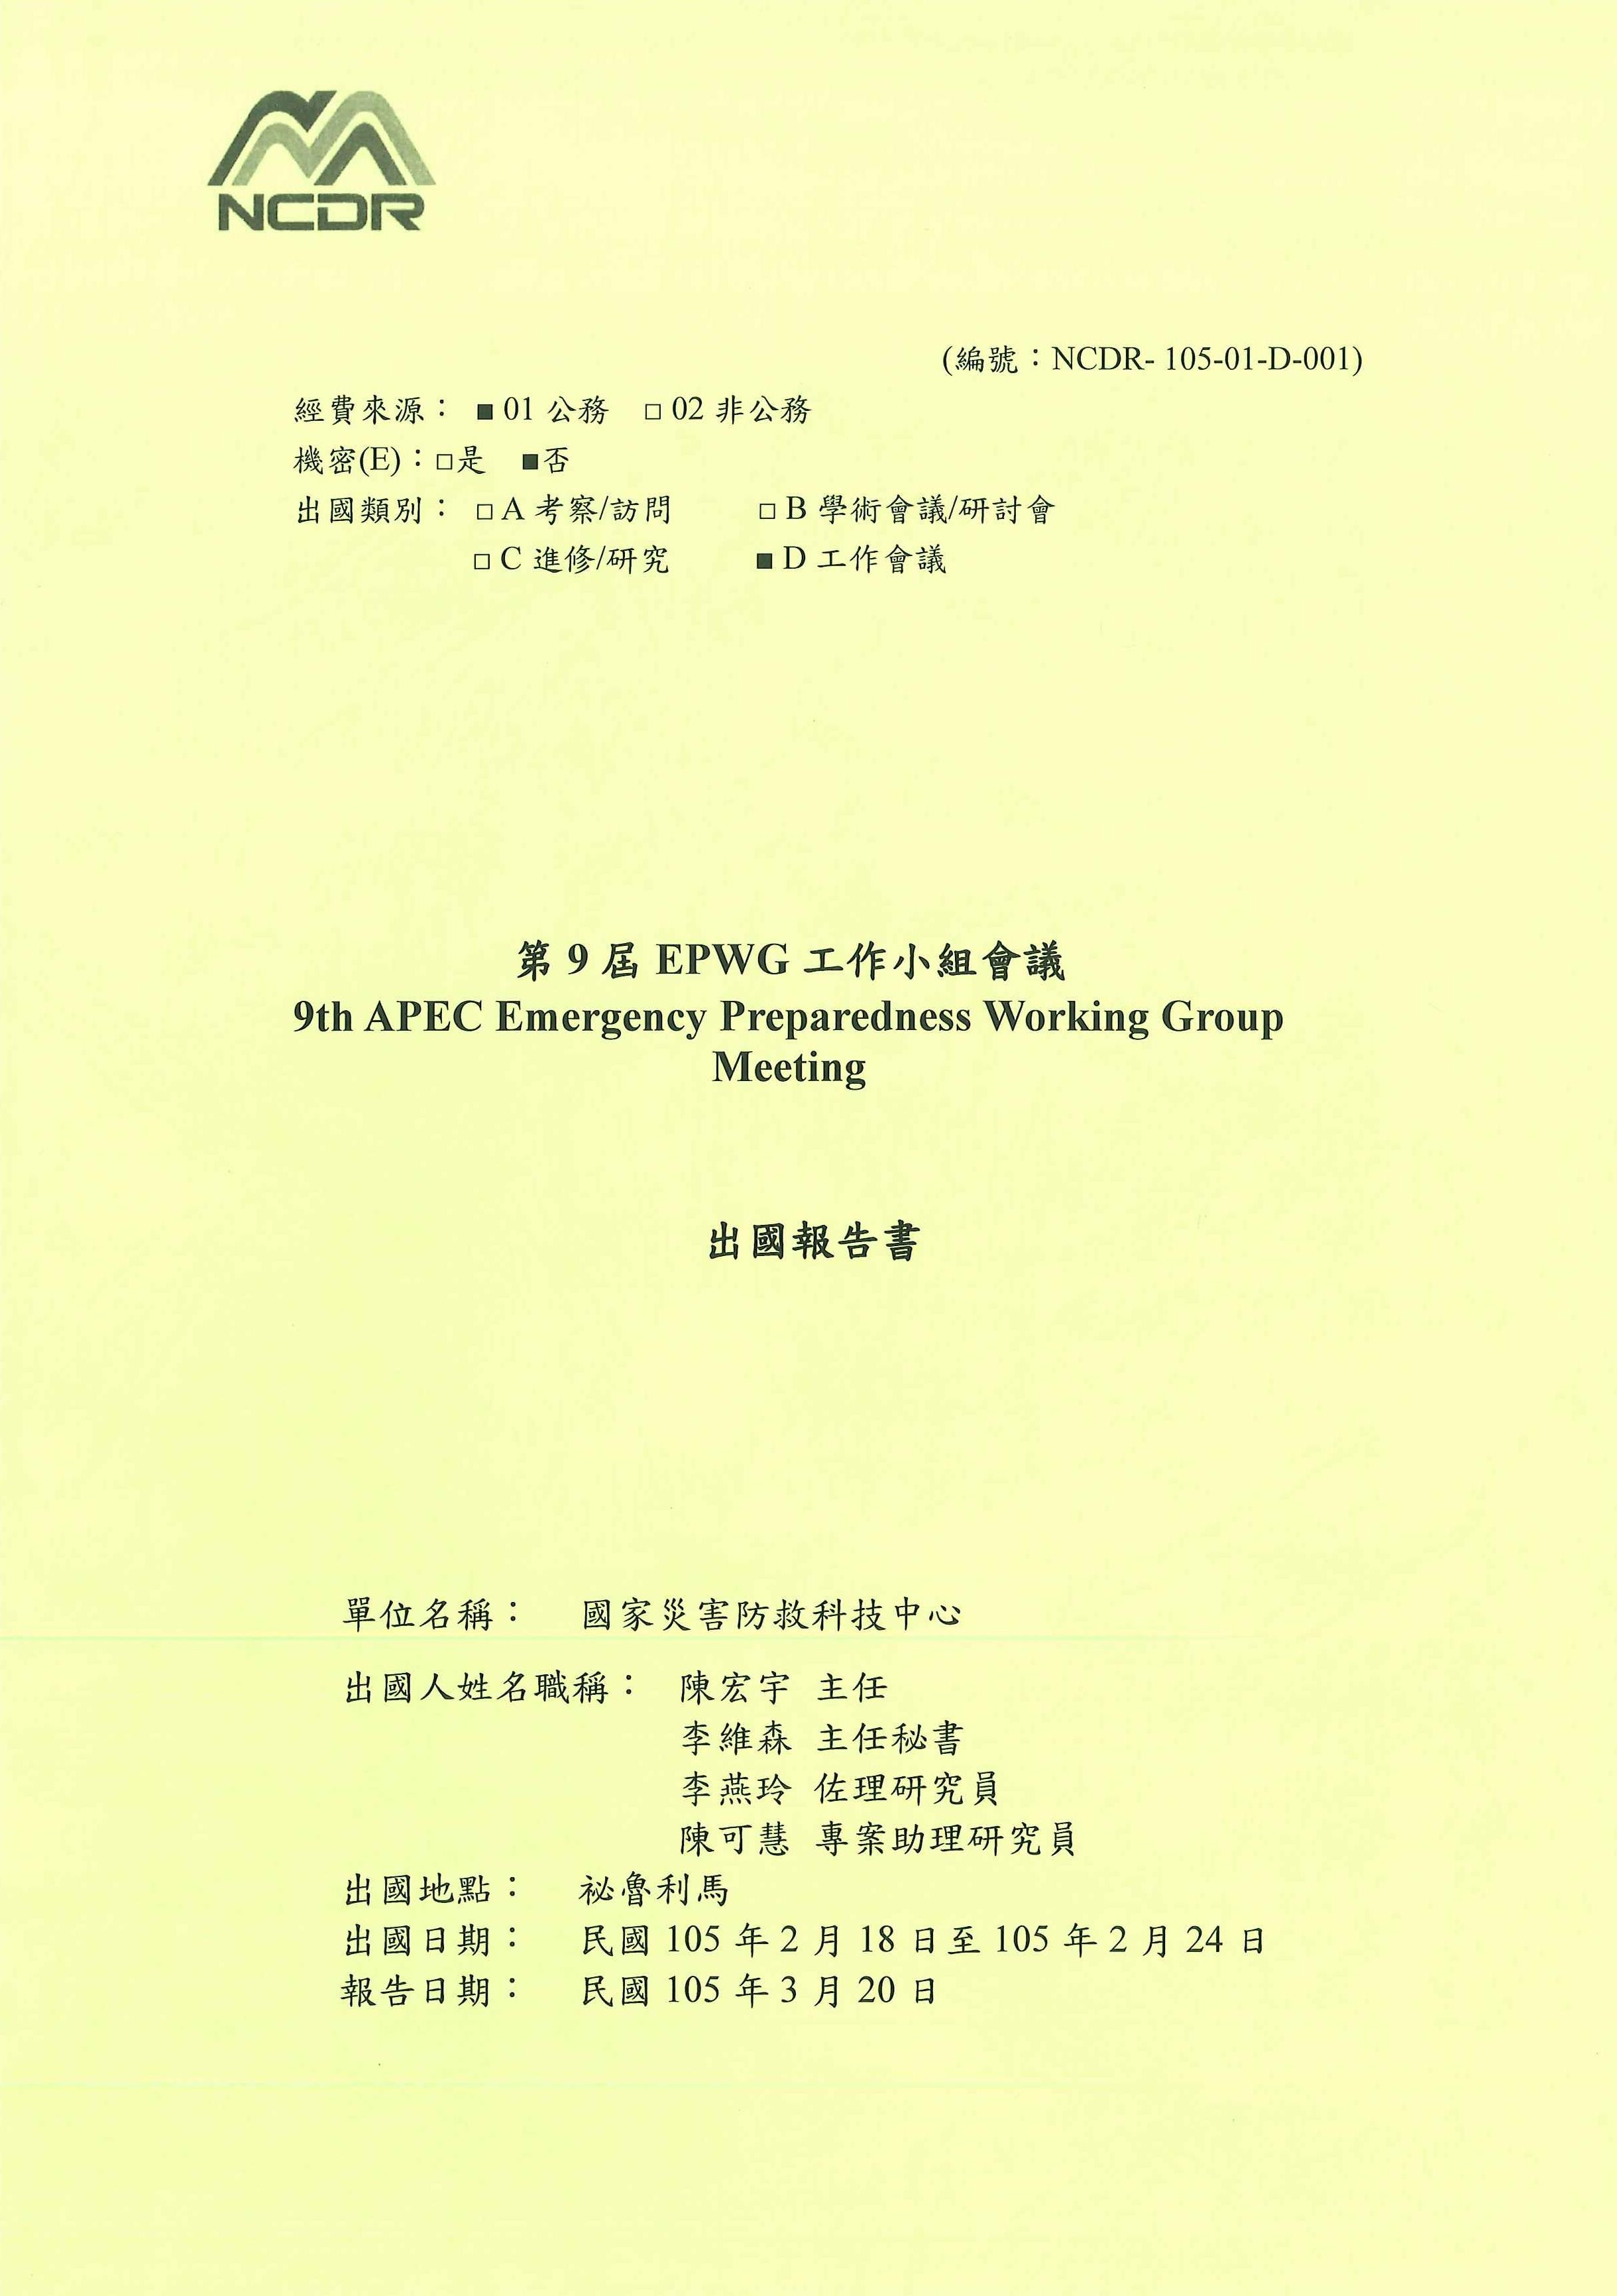 第9屆EPWG工作小組會議出國報告書=9th APEC emergency preparedness working group meeting